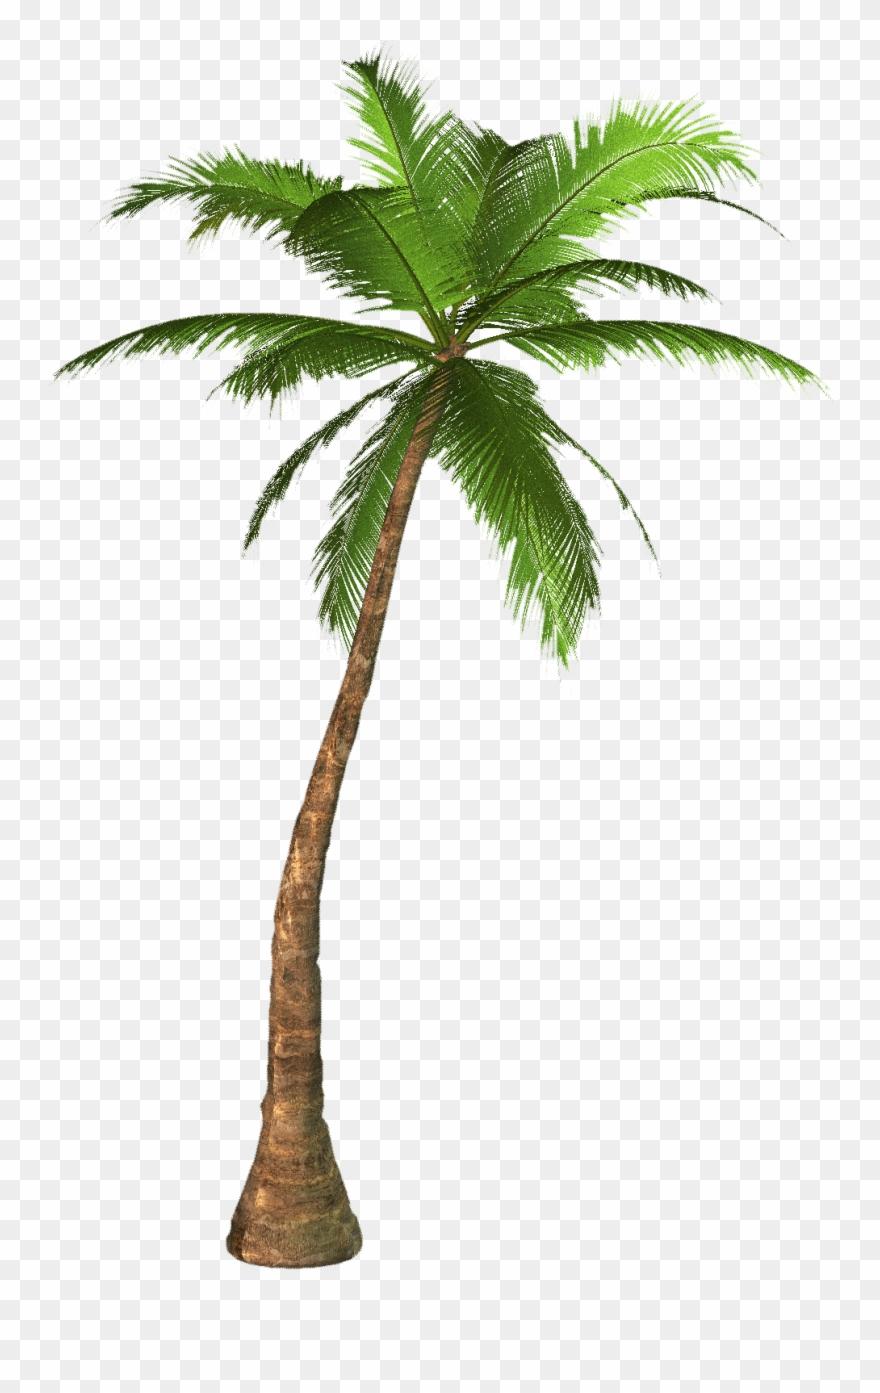 palm-tree # 4859097